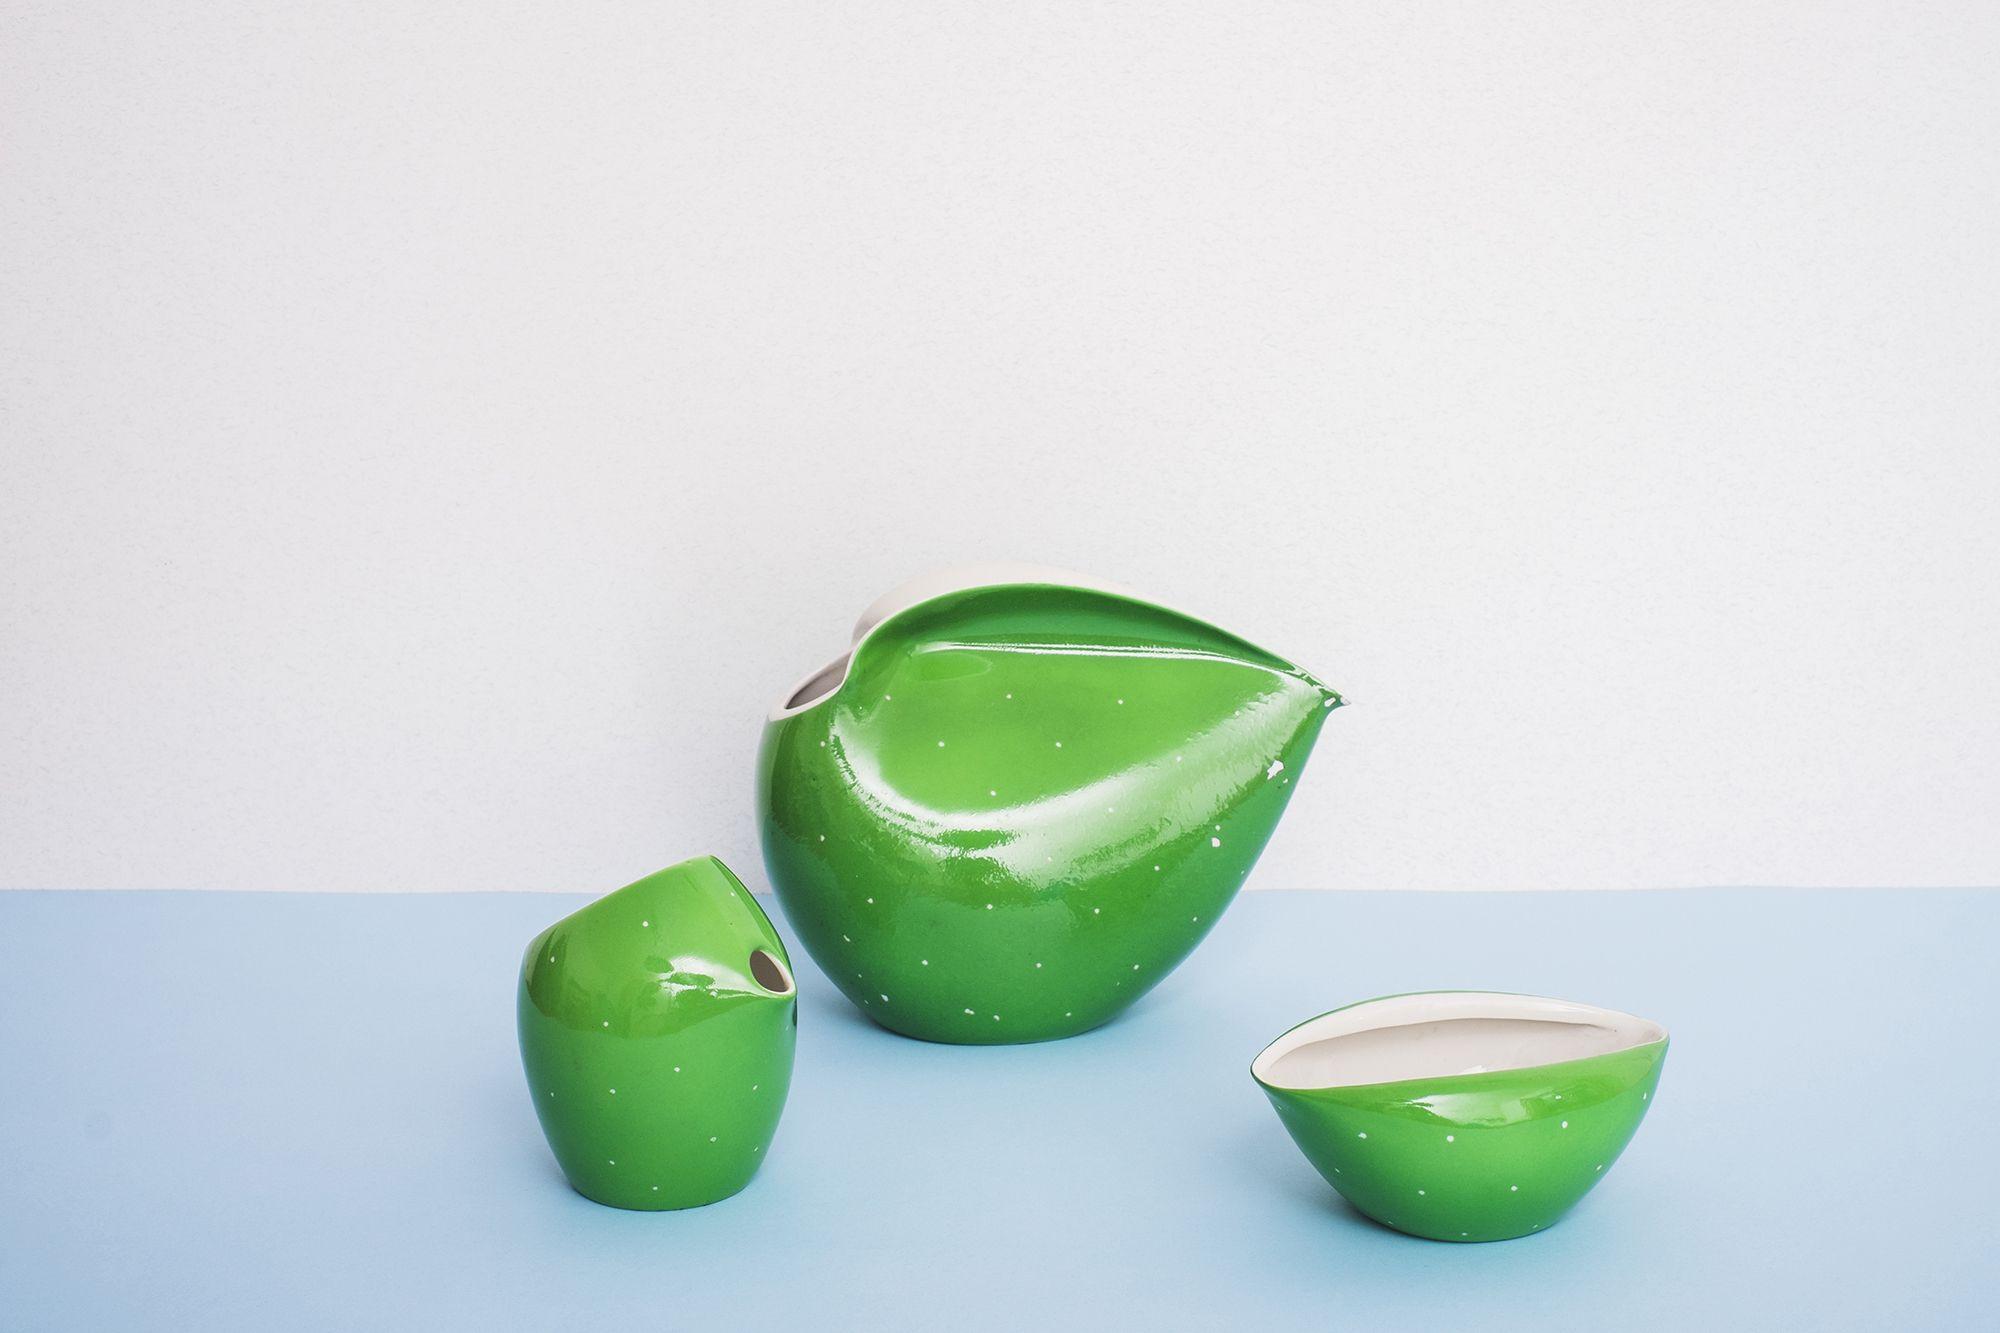 Dzbanek Mlecznik I Cukiernica Z Cmielowskiego Serwisu Dorota Lubomira Tomaszewskiego Fot Eliza Dunajska Max Zielinski Decorative Bowls Design Ceramics